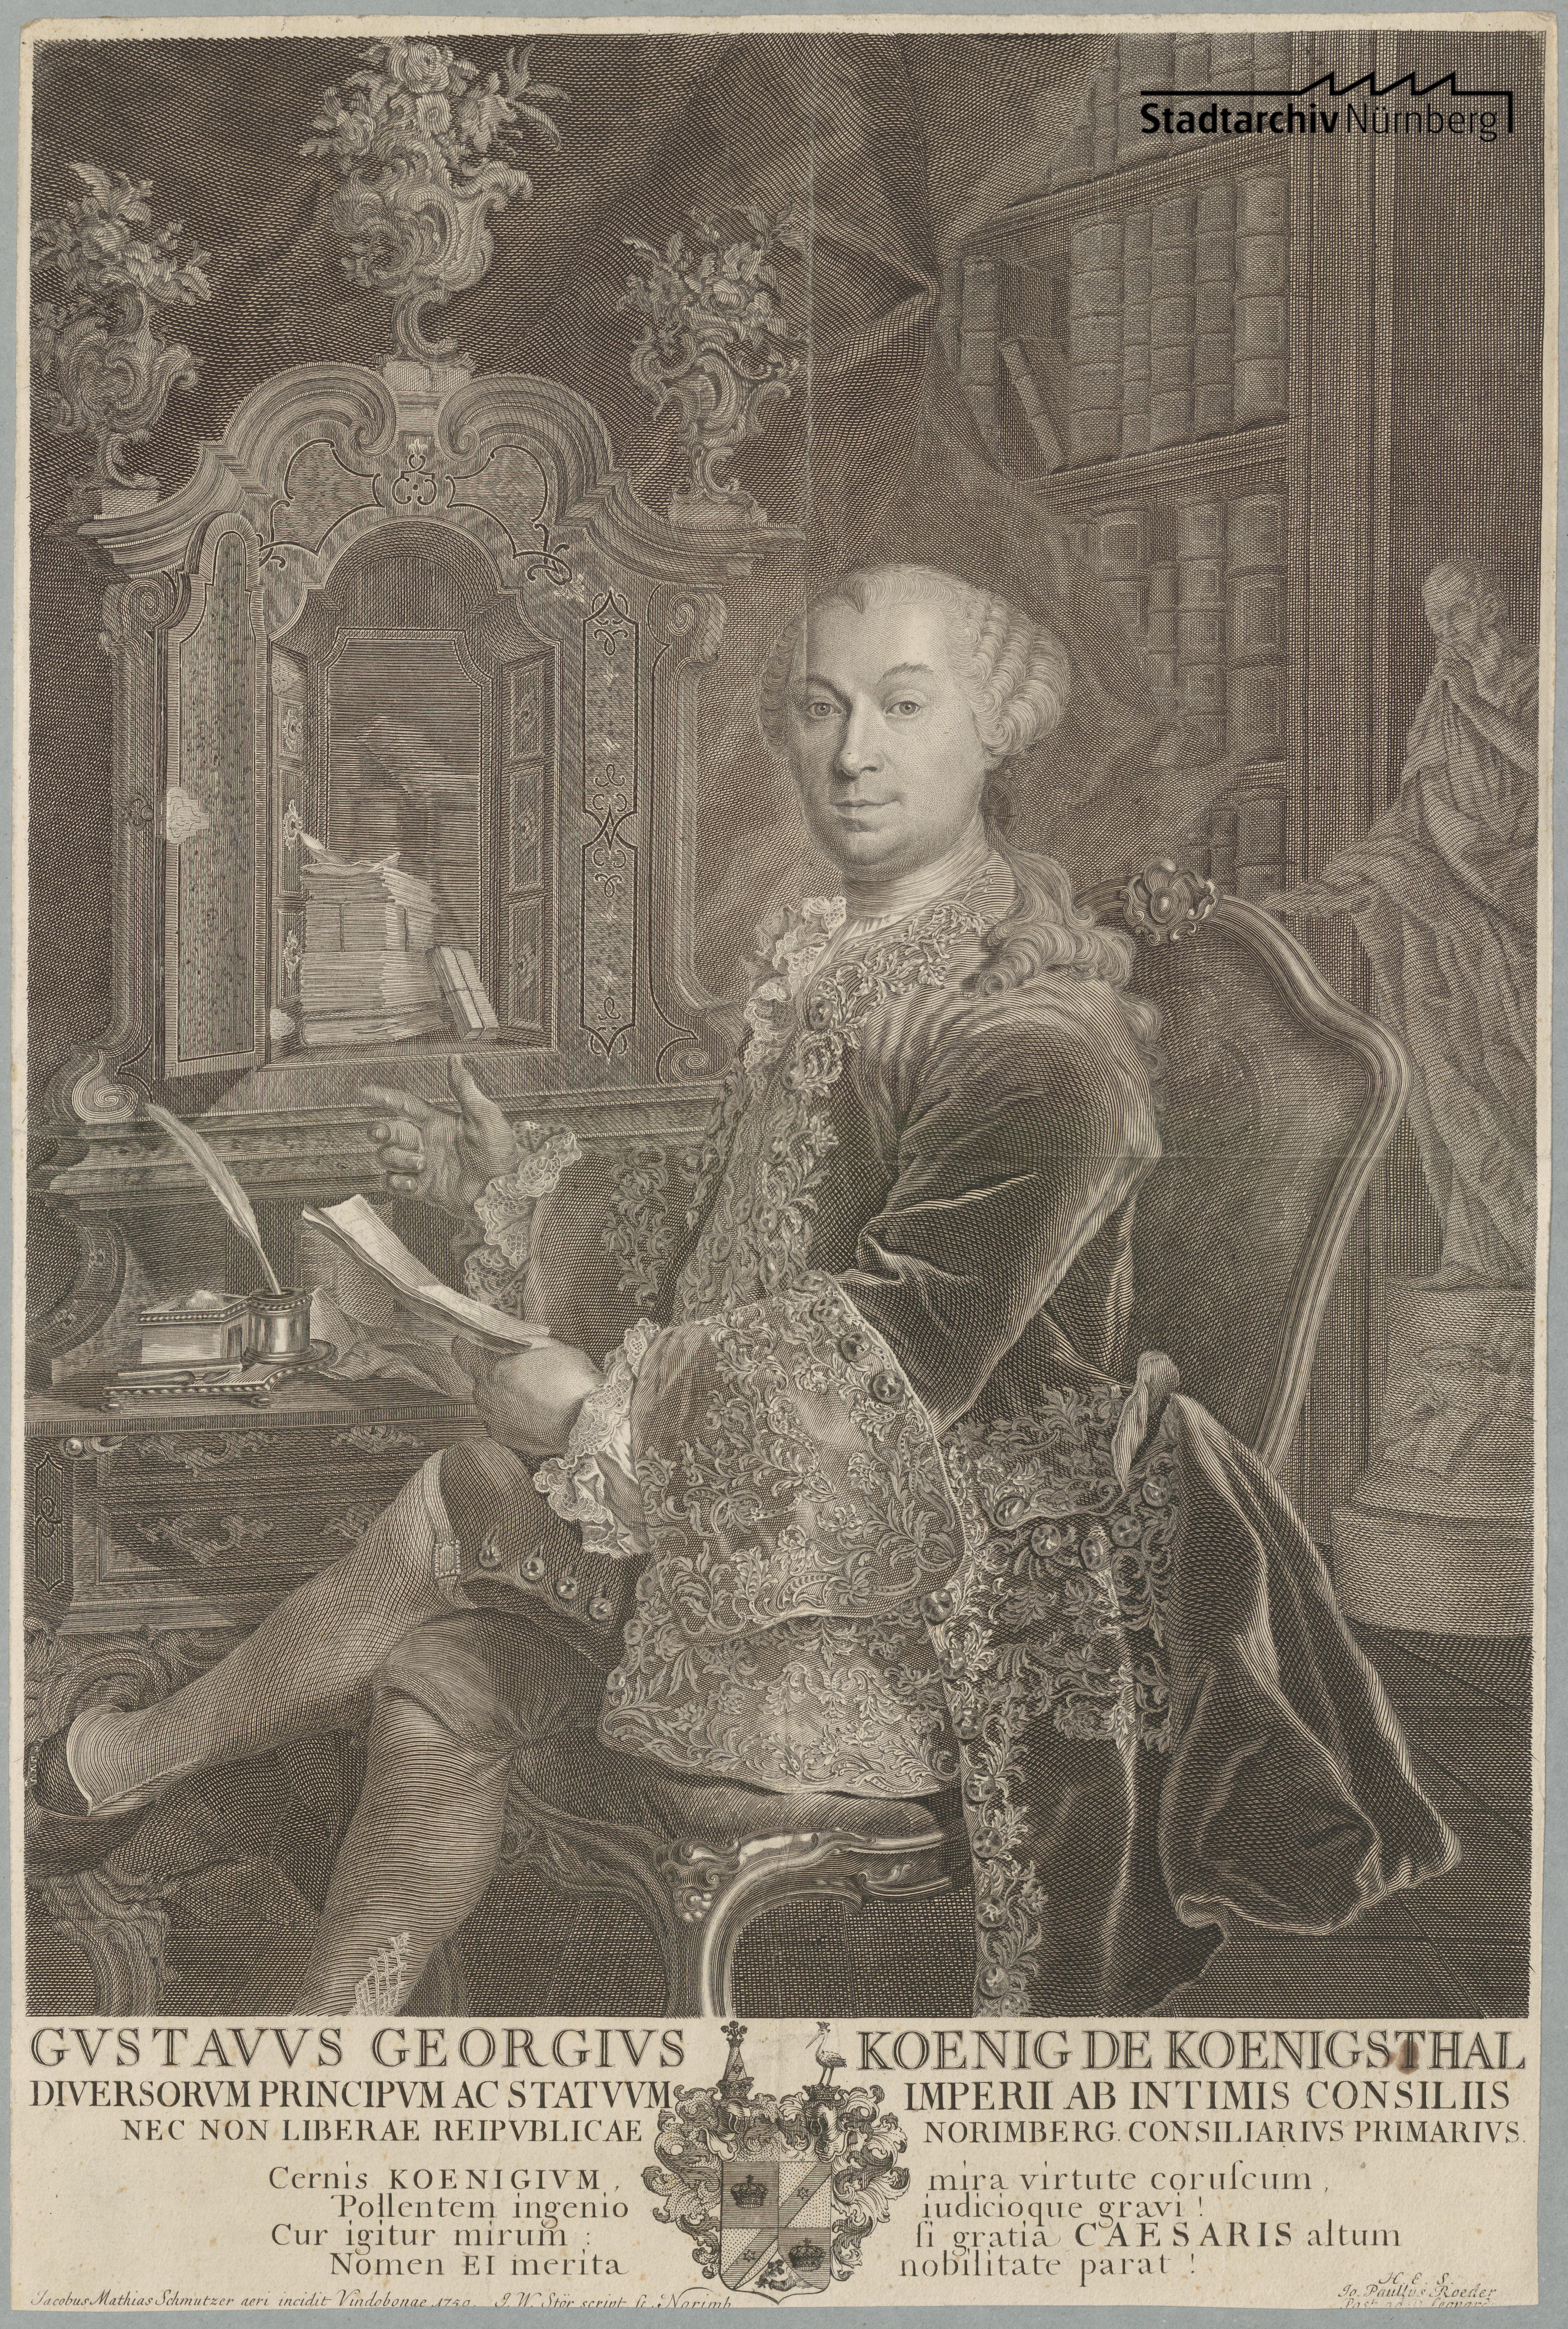 Gustav Georg König von Königsthal, Geheimrat verschiedener Stände des Reichs, vorderster Ratskonsulent in Nürnberg. Kupferstich von Jacob Matthias Schmutzer 1759 (Stadtarchiv Nürnberg E 17/II Nr. 3503).